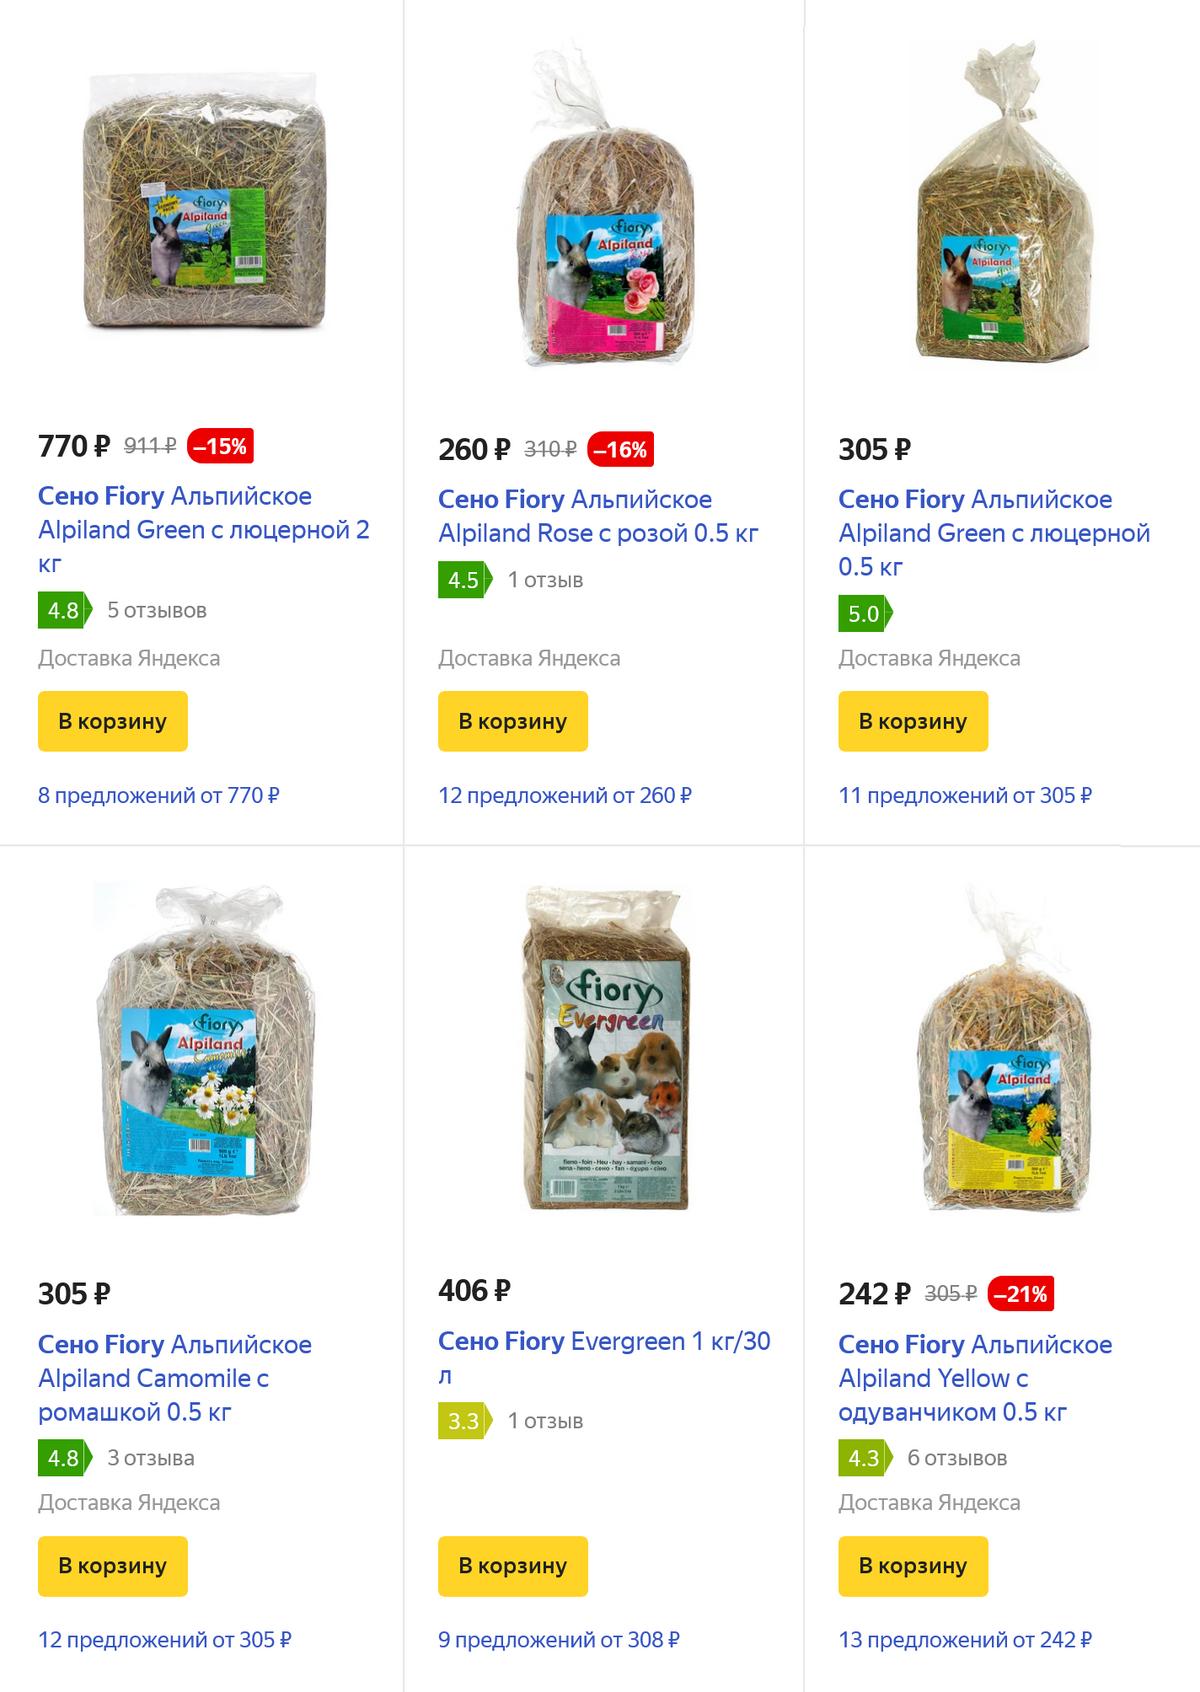 Шиншилловоды нахваливают сено от Fiory. Оно не пылит, его легко найти в магазине, и есть много вкусов. Для&nbsp;Лаки взяла сено с одуванчиком. Около моего дома его продают за 316<span class=ruble>Р</span>. Источник: «Яндекс-маркет»